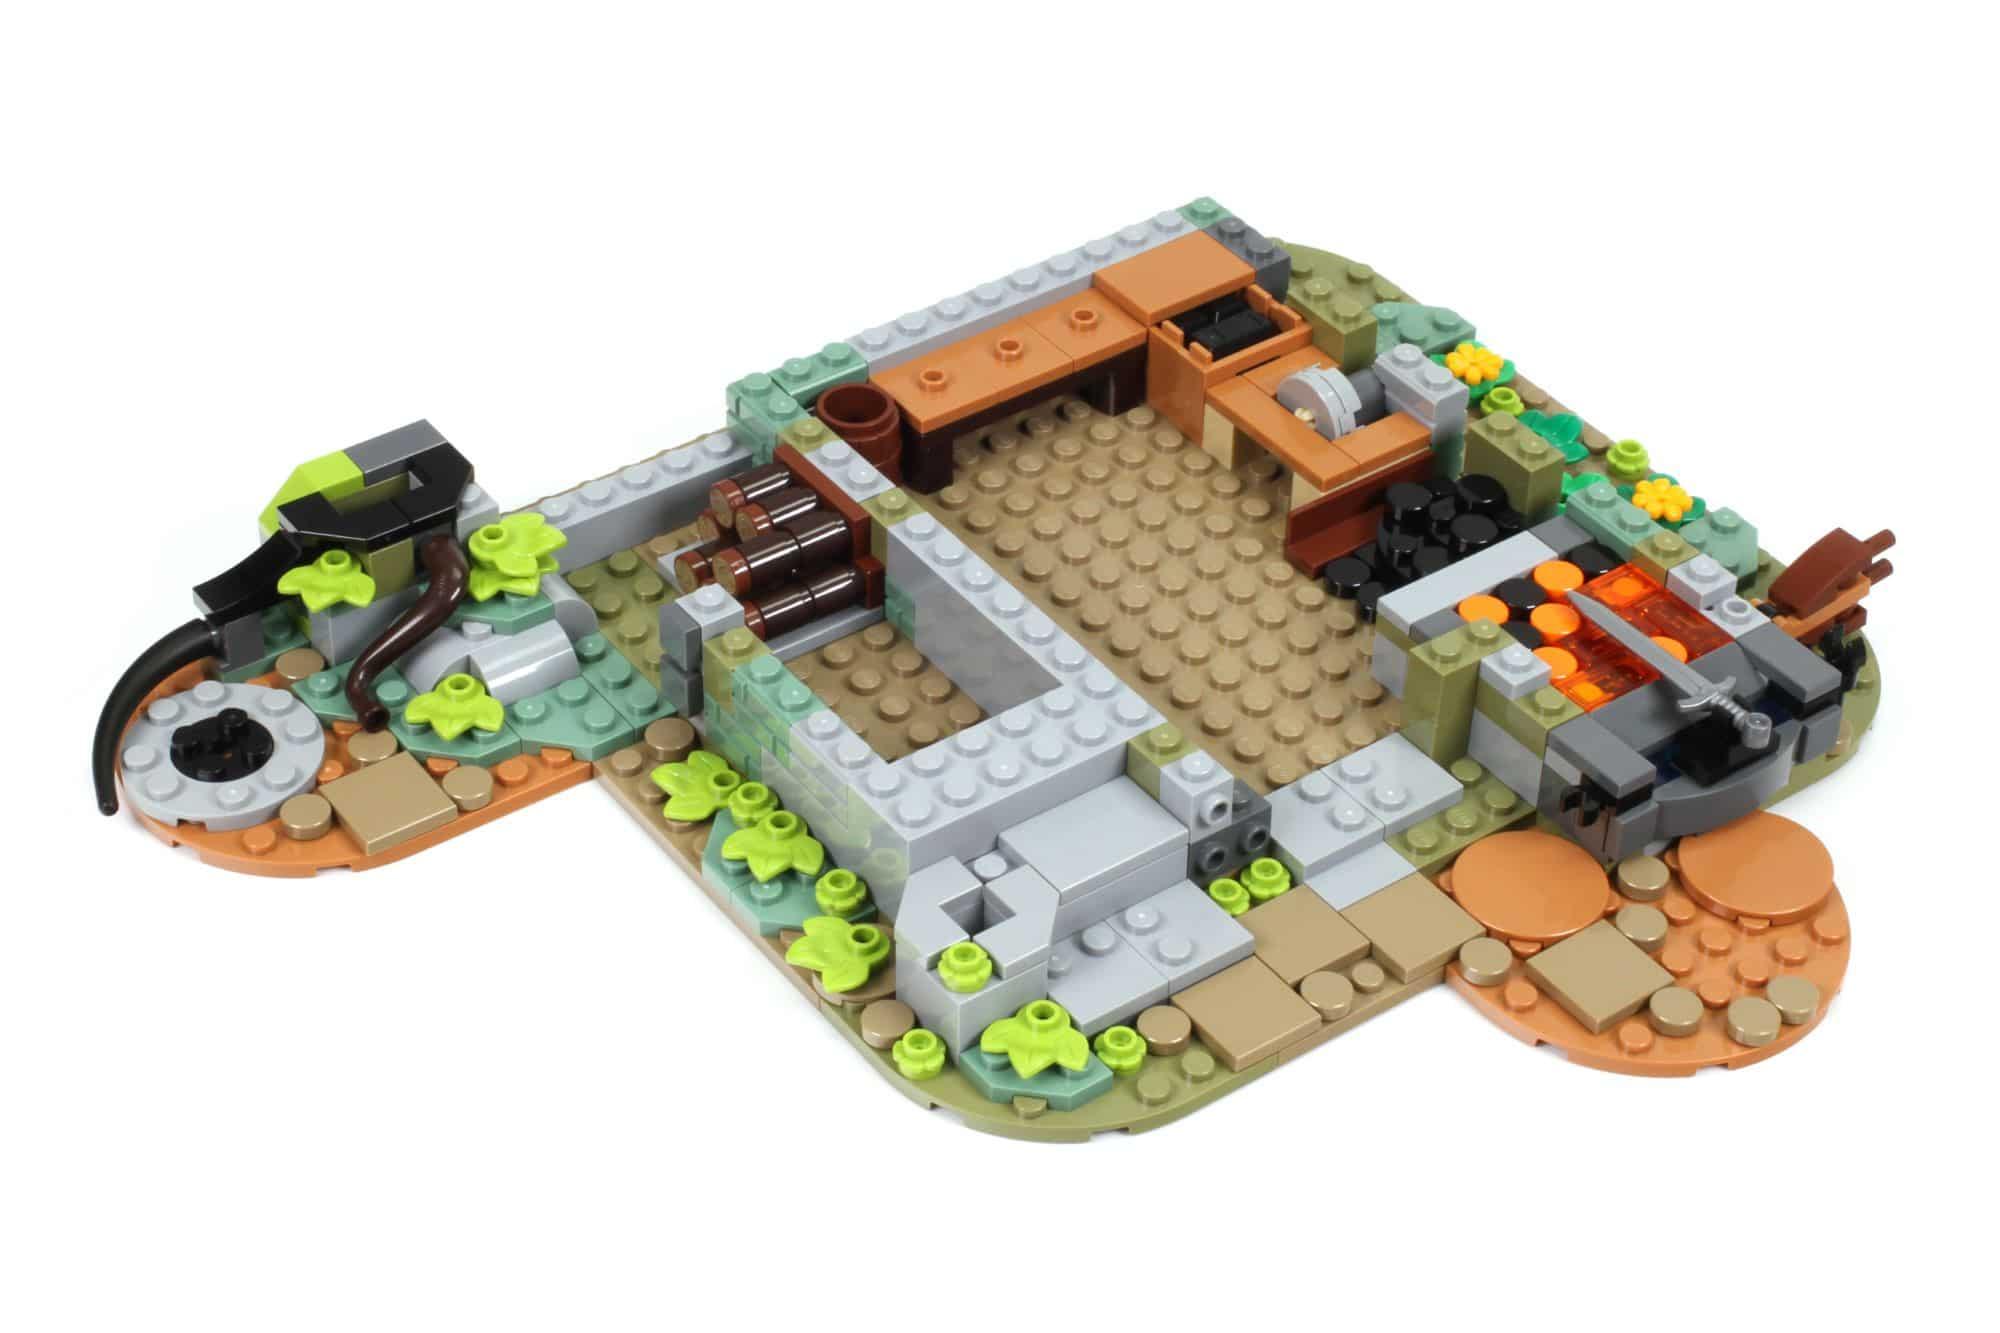 LEGO Ideas 21325 Mittelalterliche Schmiede Bauabschnitt 2 1